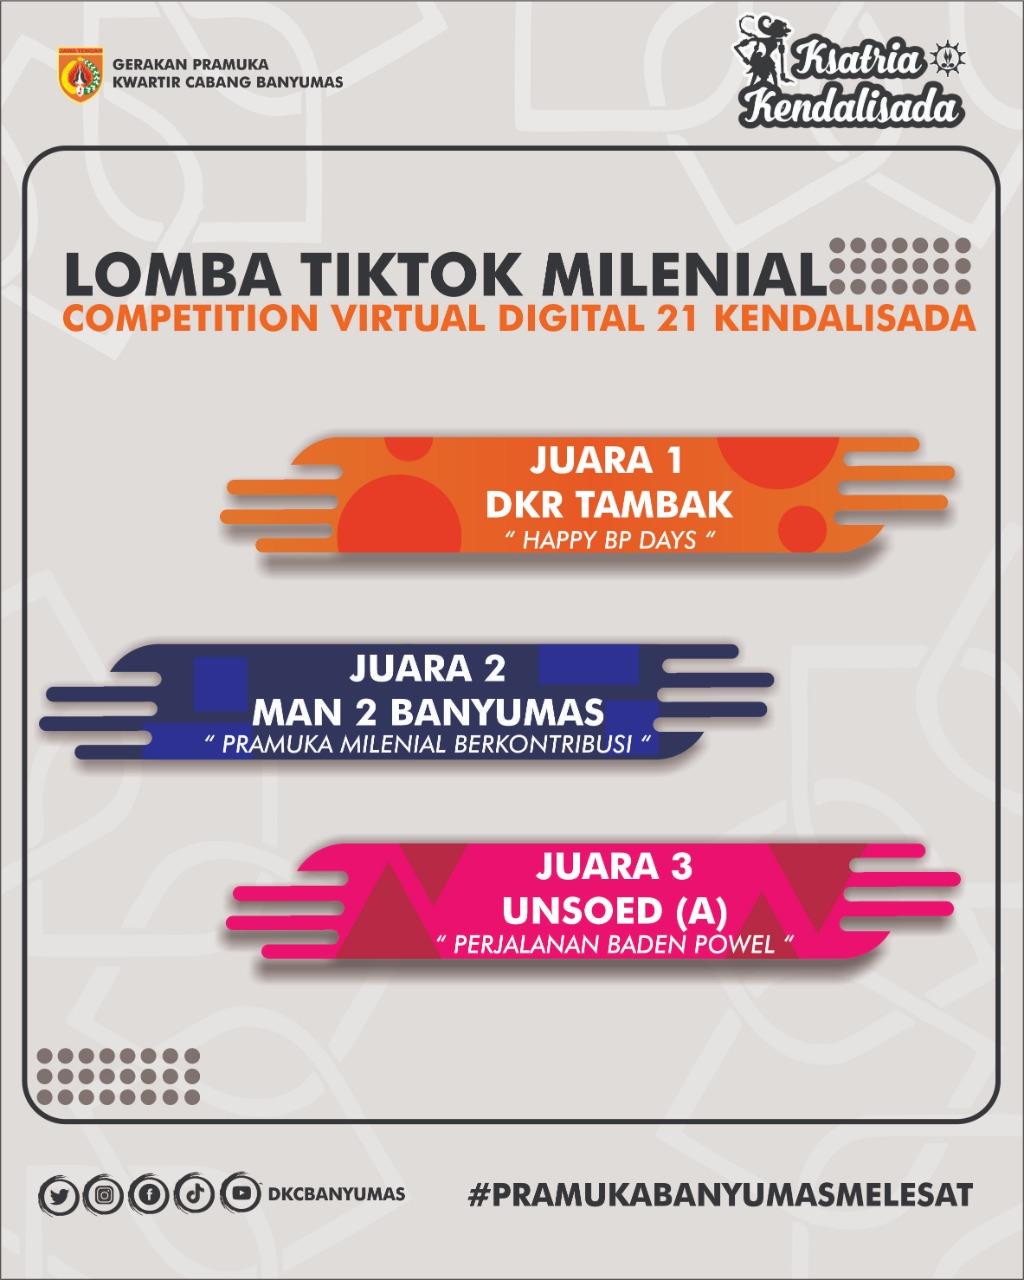 Gerakan Pramuka Ambalan Sunan Kalijaga dan Dewi Masitoh Gudep MAN 2 Banyumas Kembali Meraih Juara di Tahun 2021.